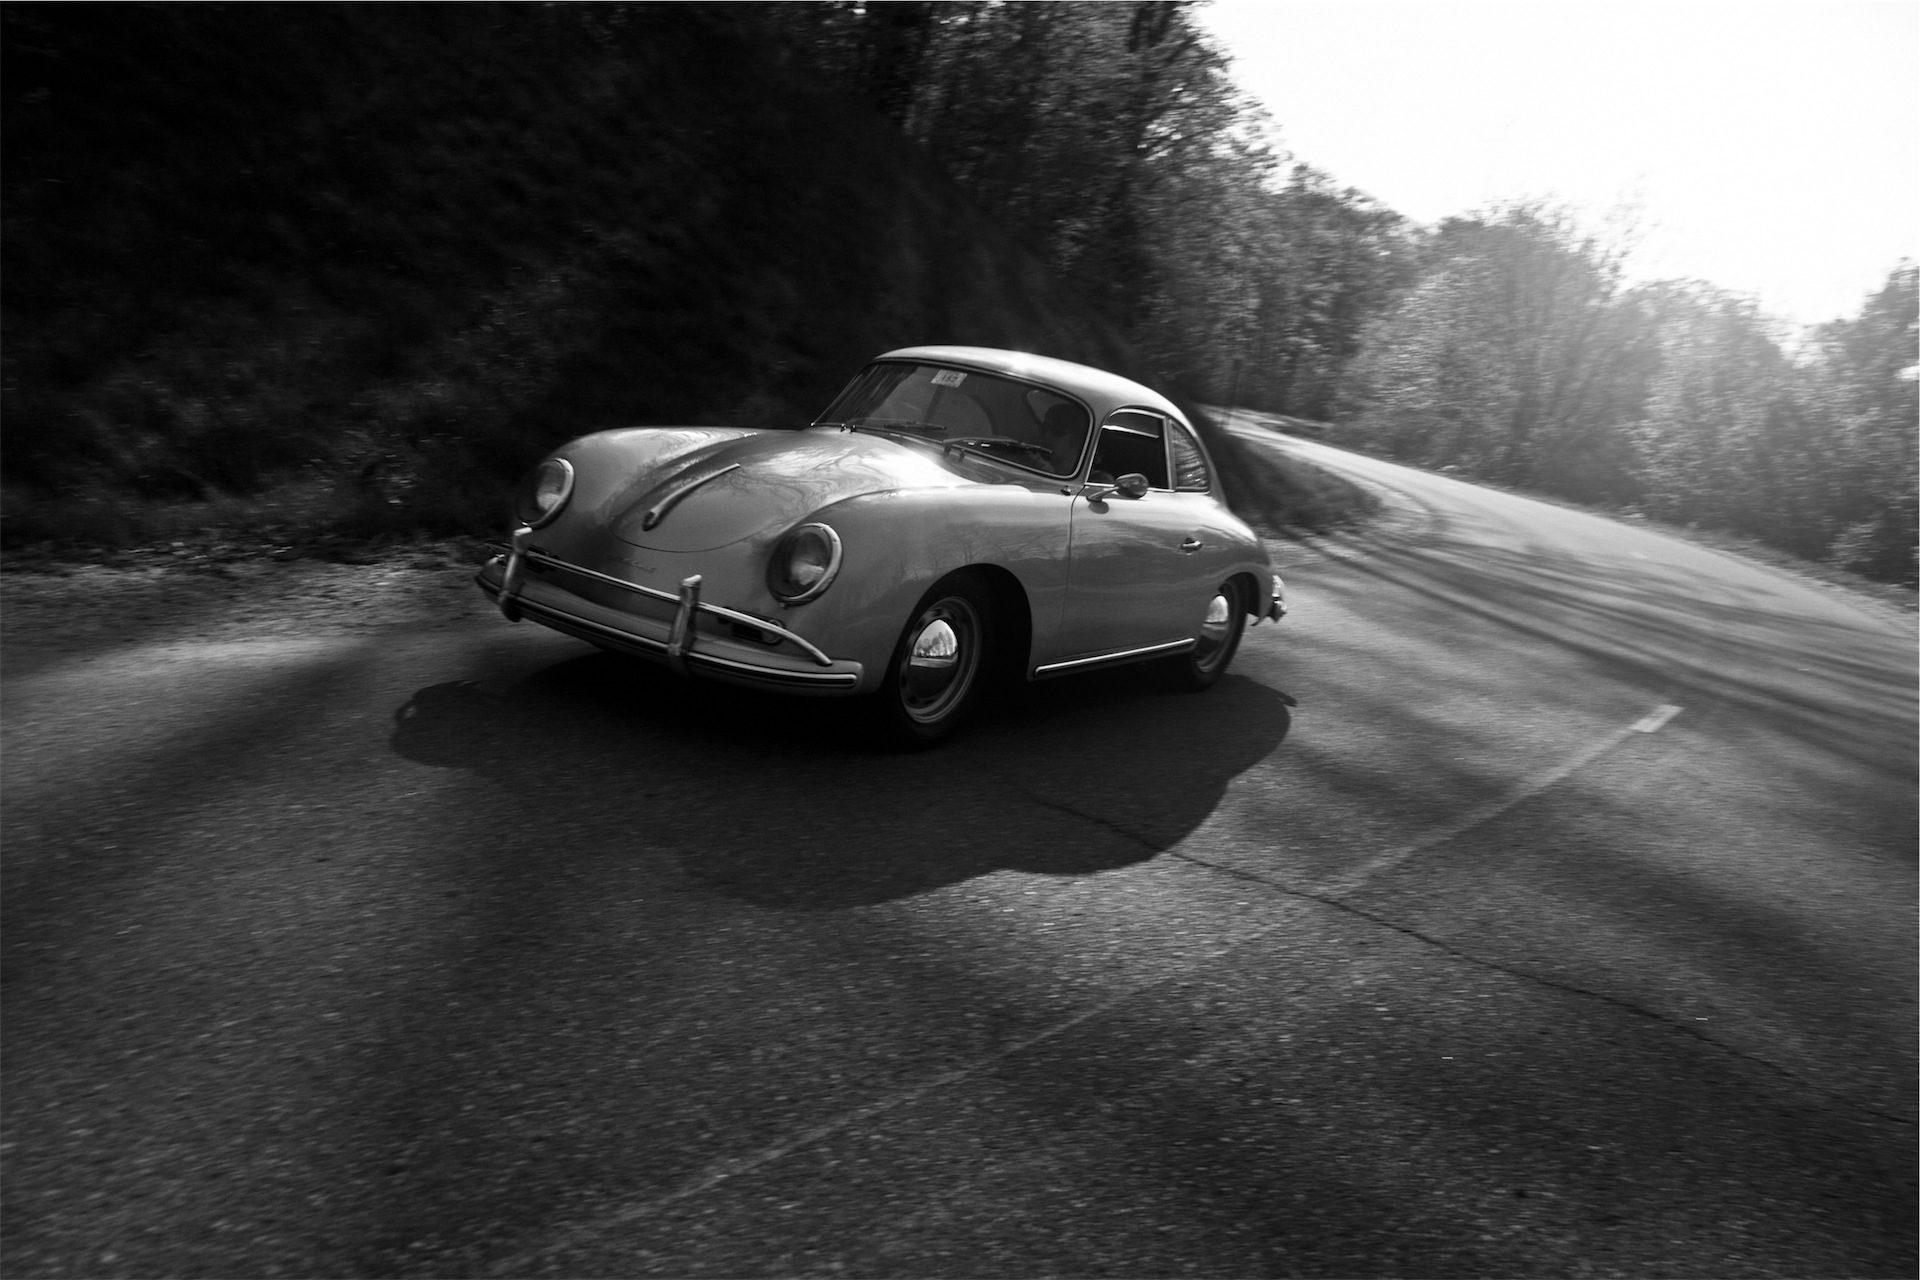 कार, सड़क, गति, पुराने, विंटेज - HD वॉलपेपर - प्रोफेसर-falken.com